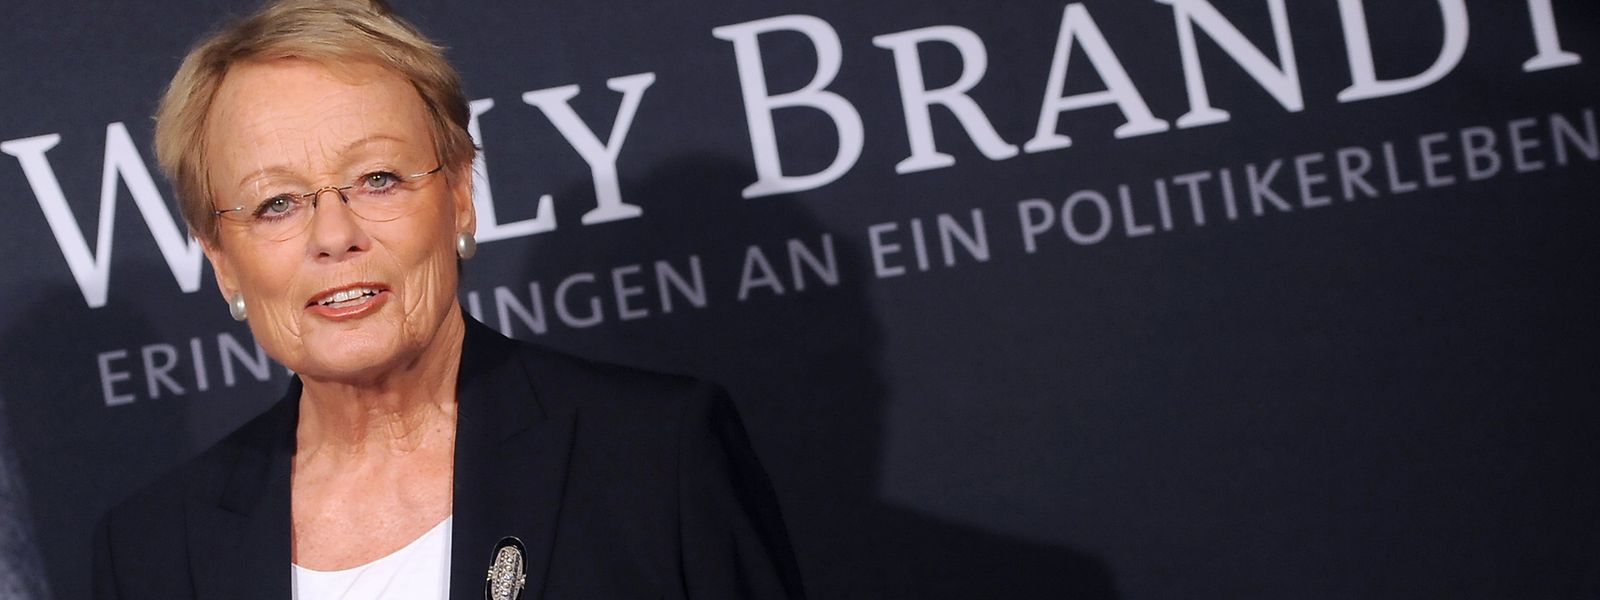 Wibke Bruhns bei der Premiere des Films «Willy Brandt - Erinnerungen an ein Politikerleben».